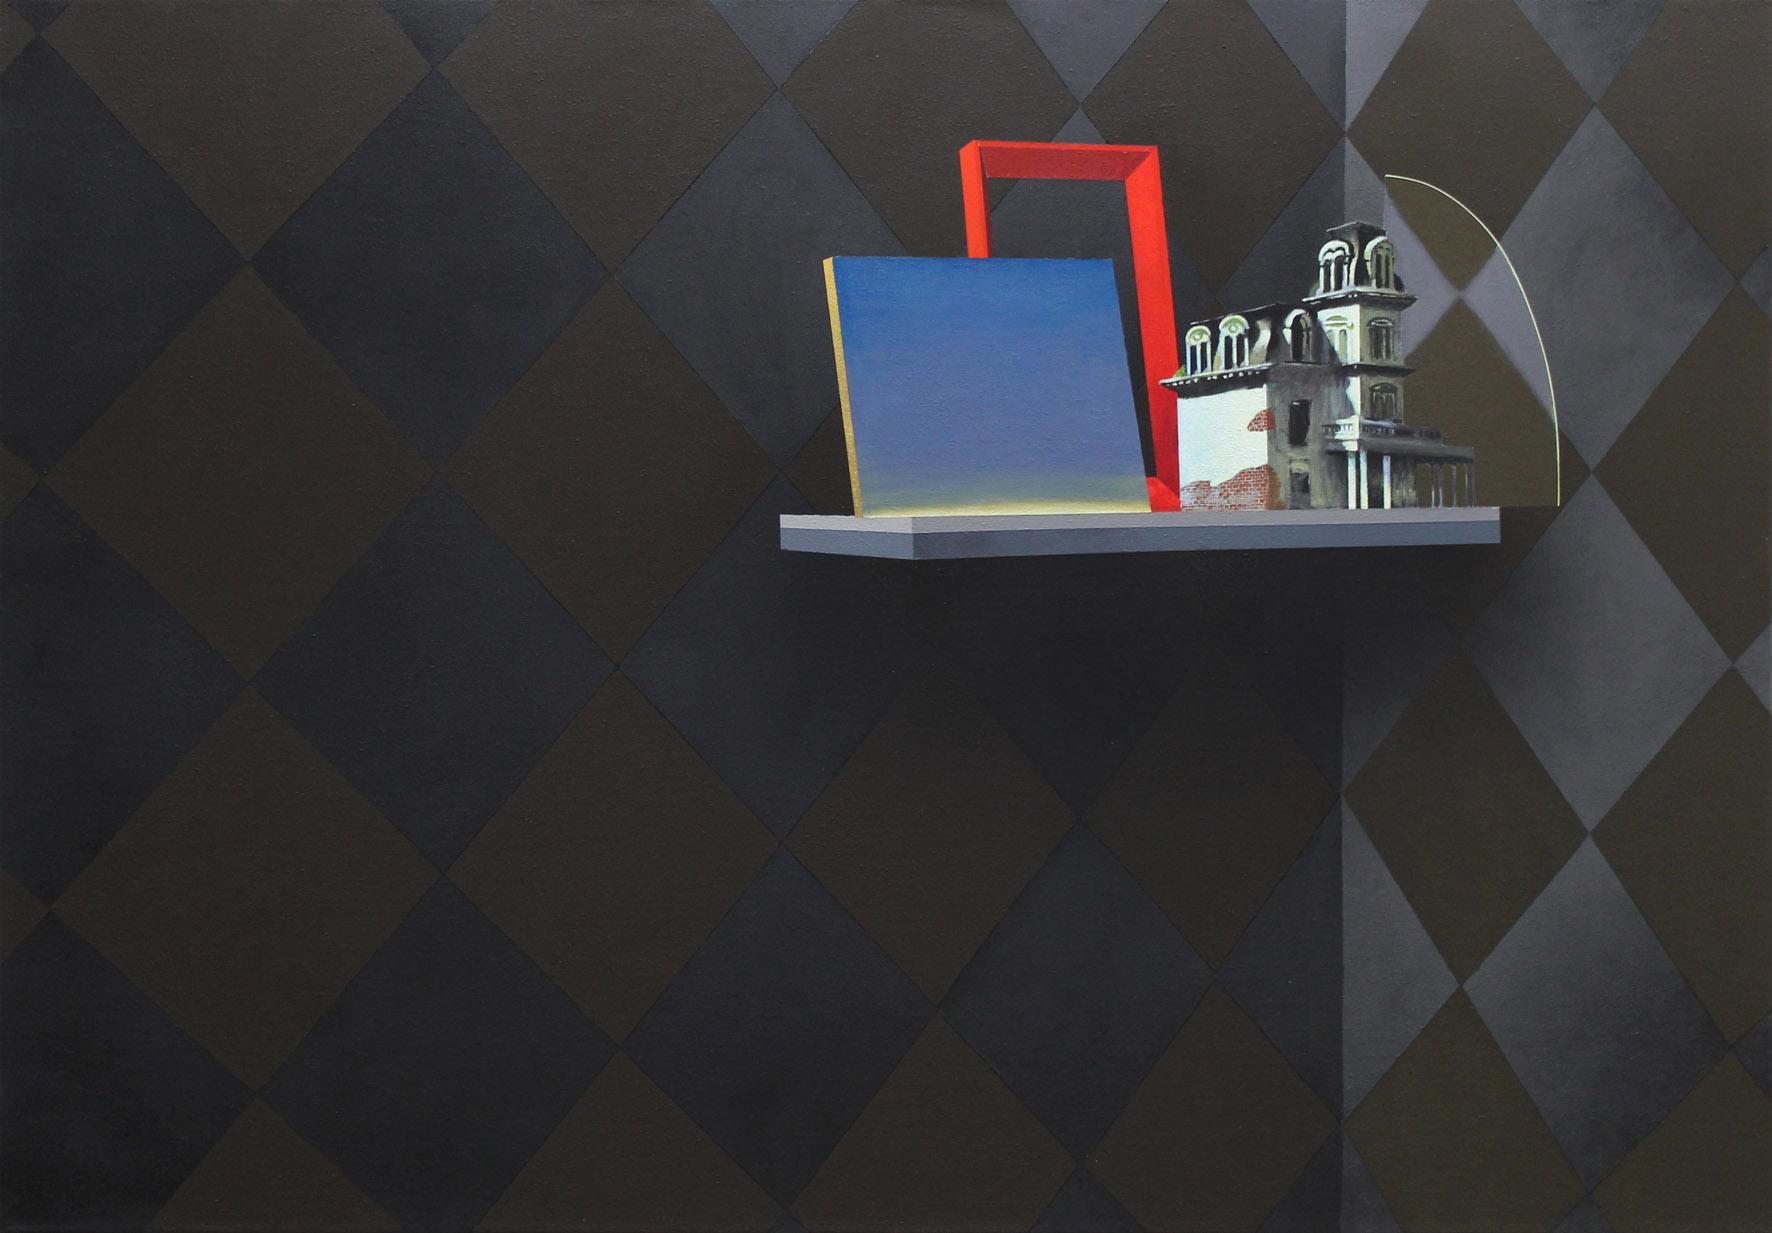 Sépànd Danesh, Crépuscule, 2015. Acrylique et spray sur toile, 140 x 200 cm, Courtesy de l'artiste, Backslash